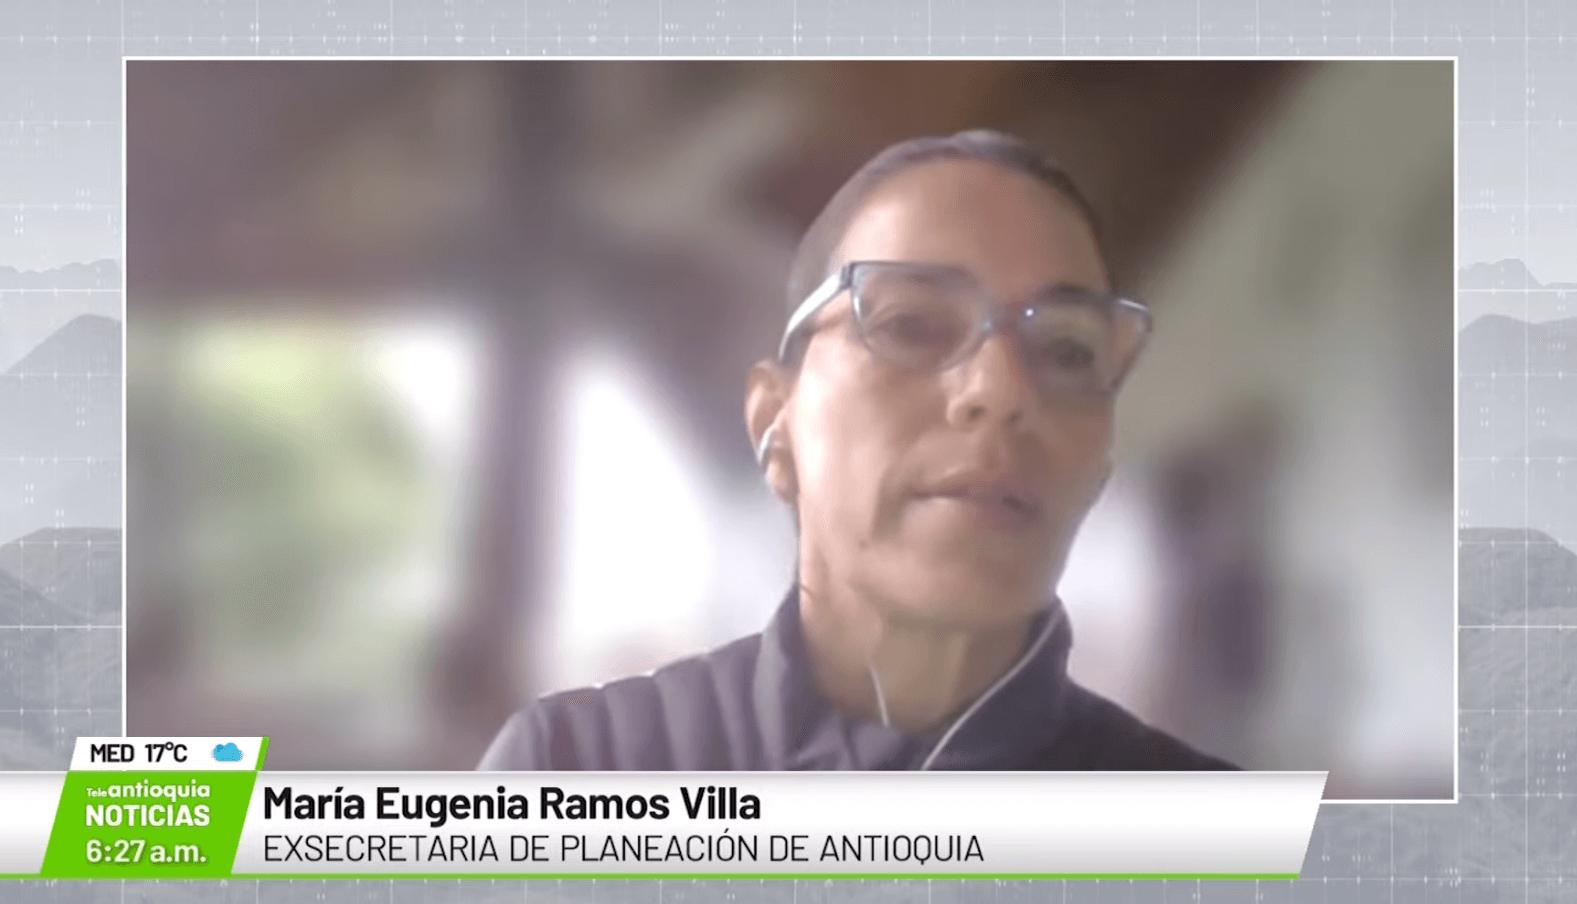 Entrevista con María Eugenia Ramos Villa, exsecretaria Planeación Antioquia